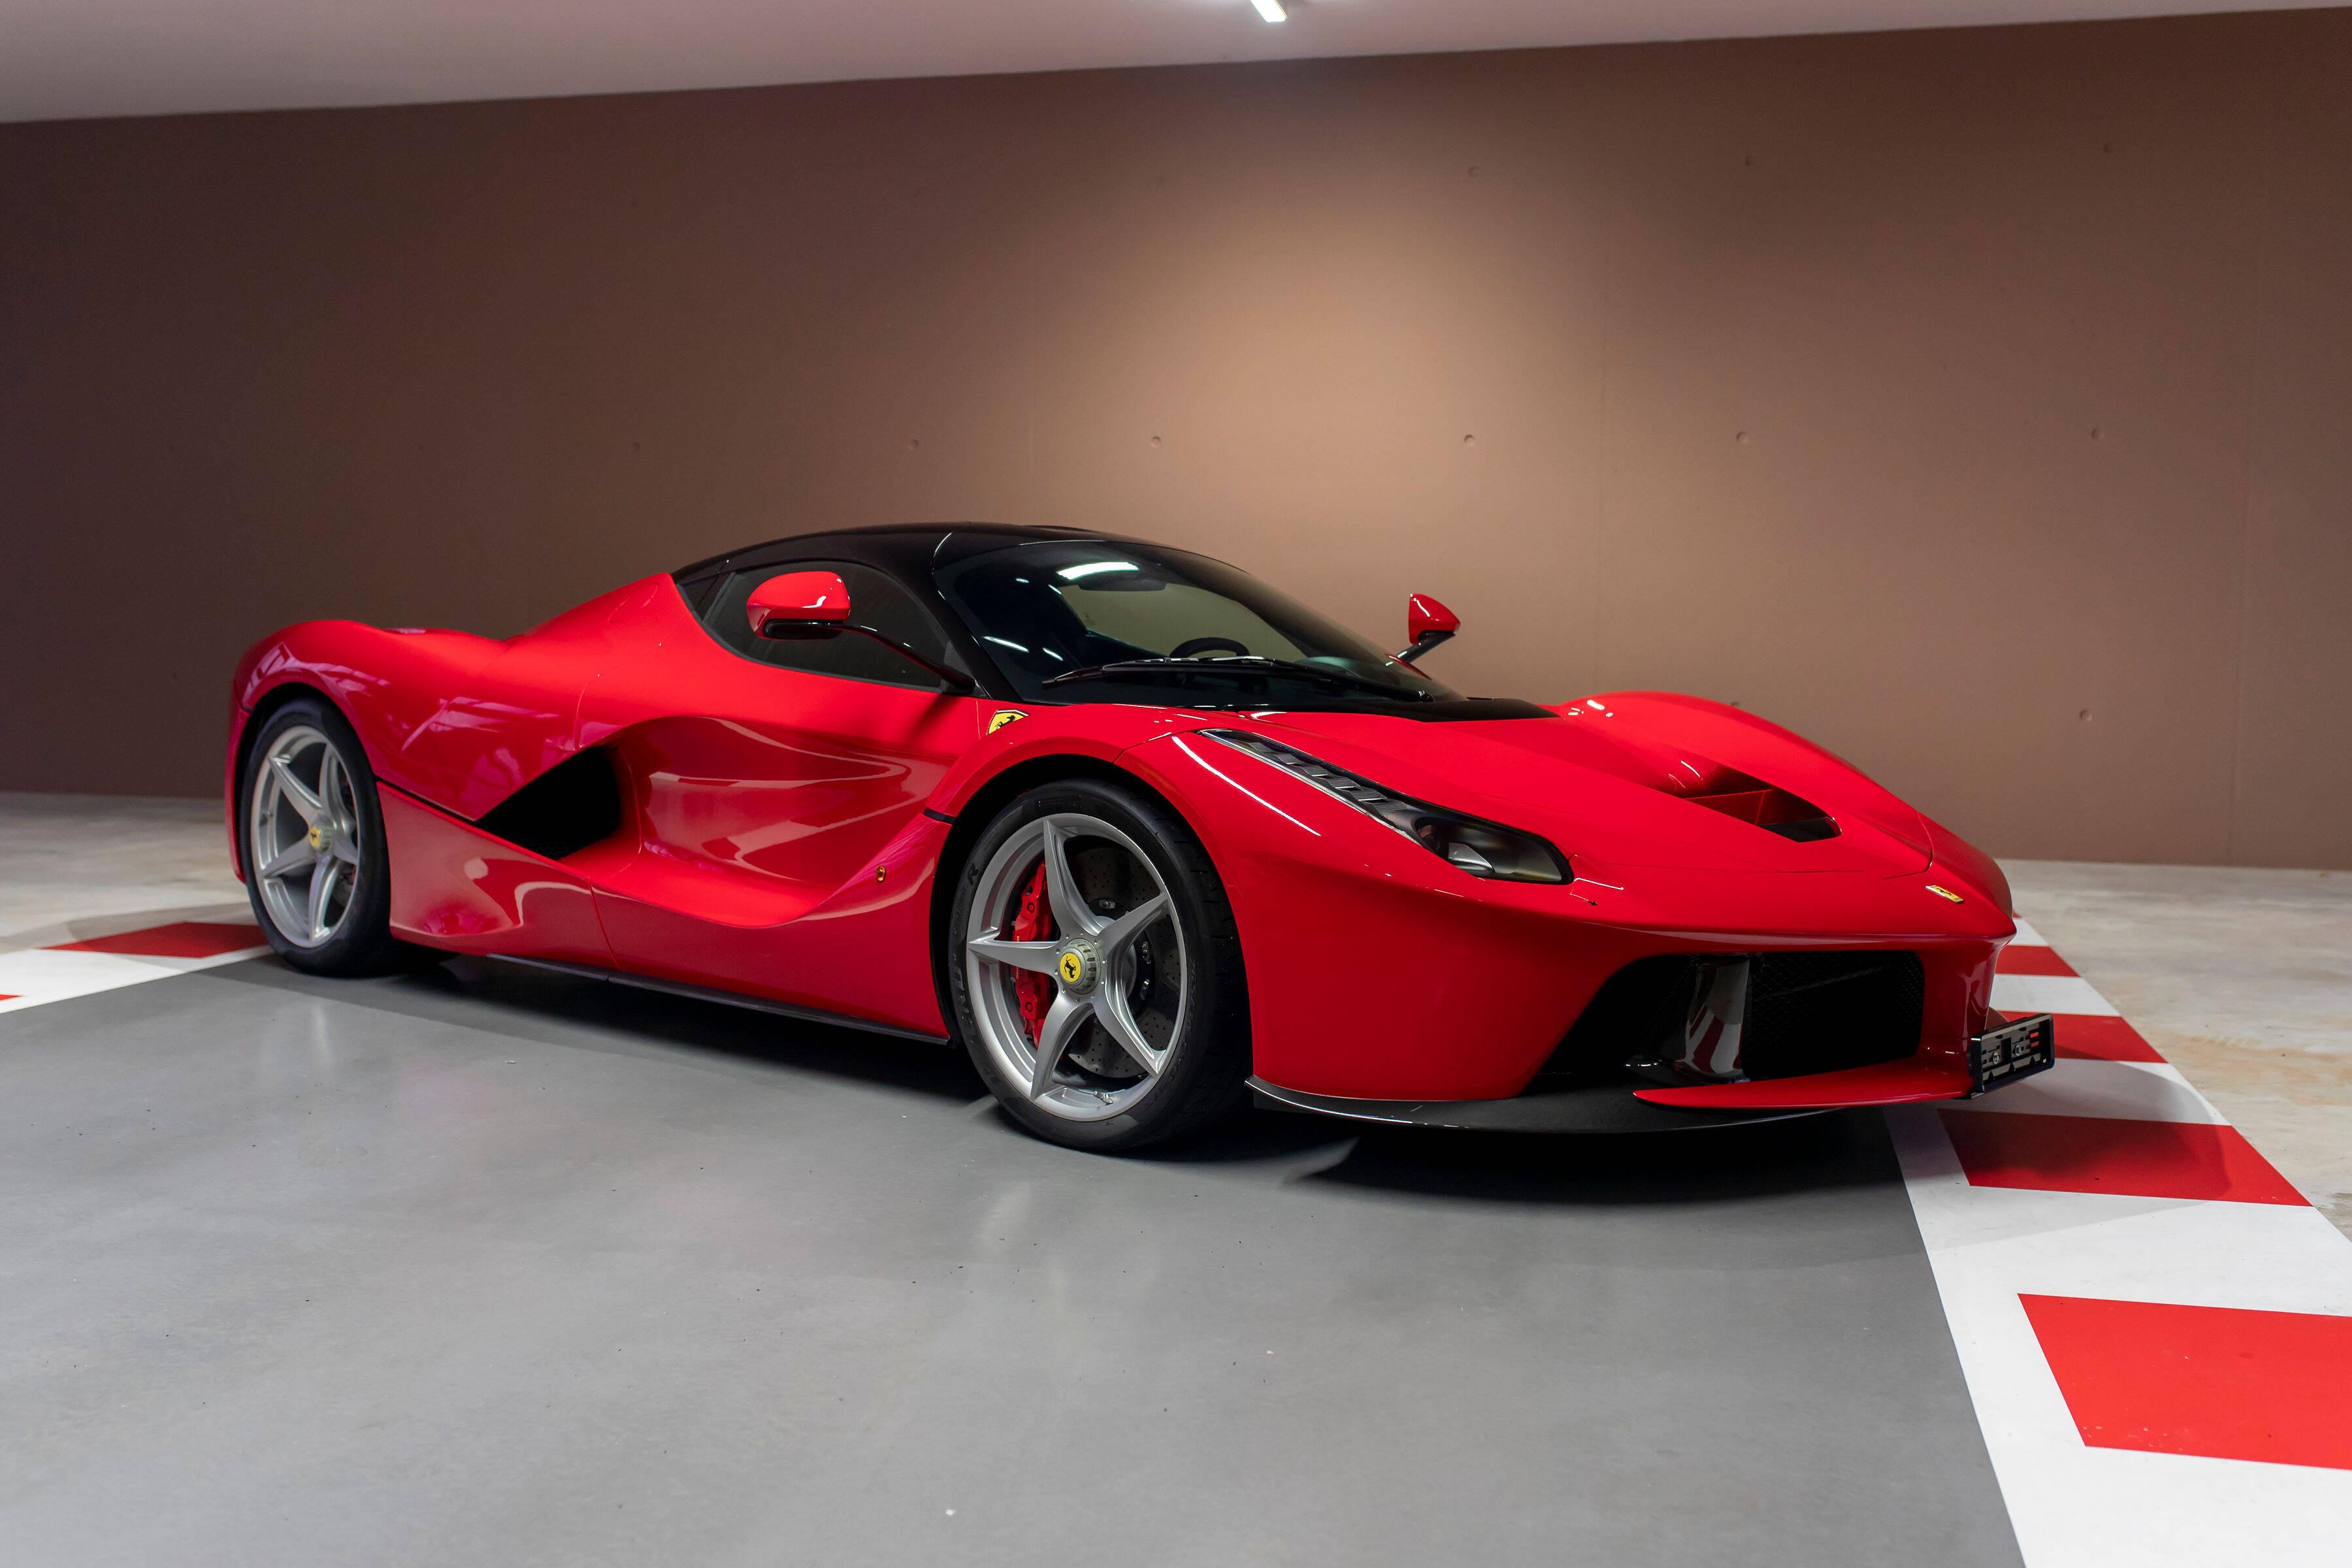 Ferrari LaFerrari. Foto: Reprodução/Tom Hartley Jnr